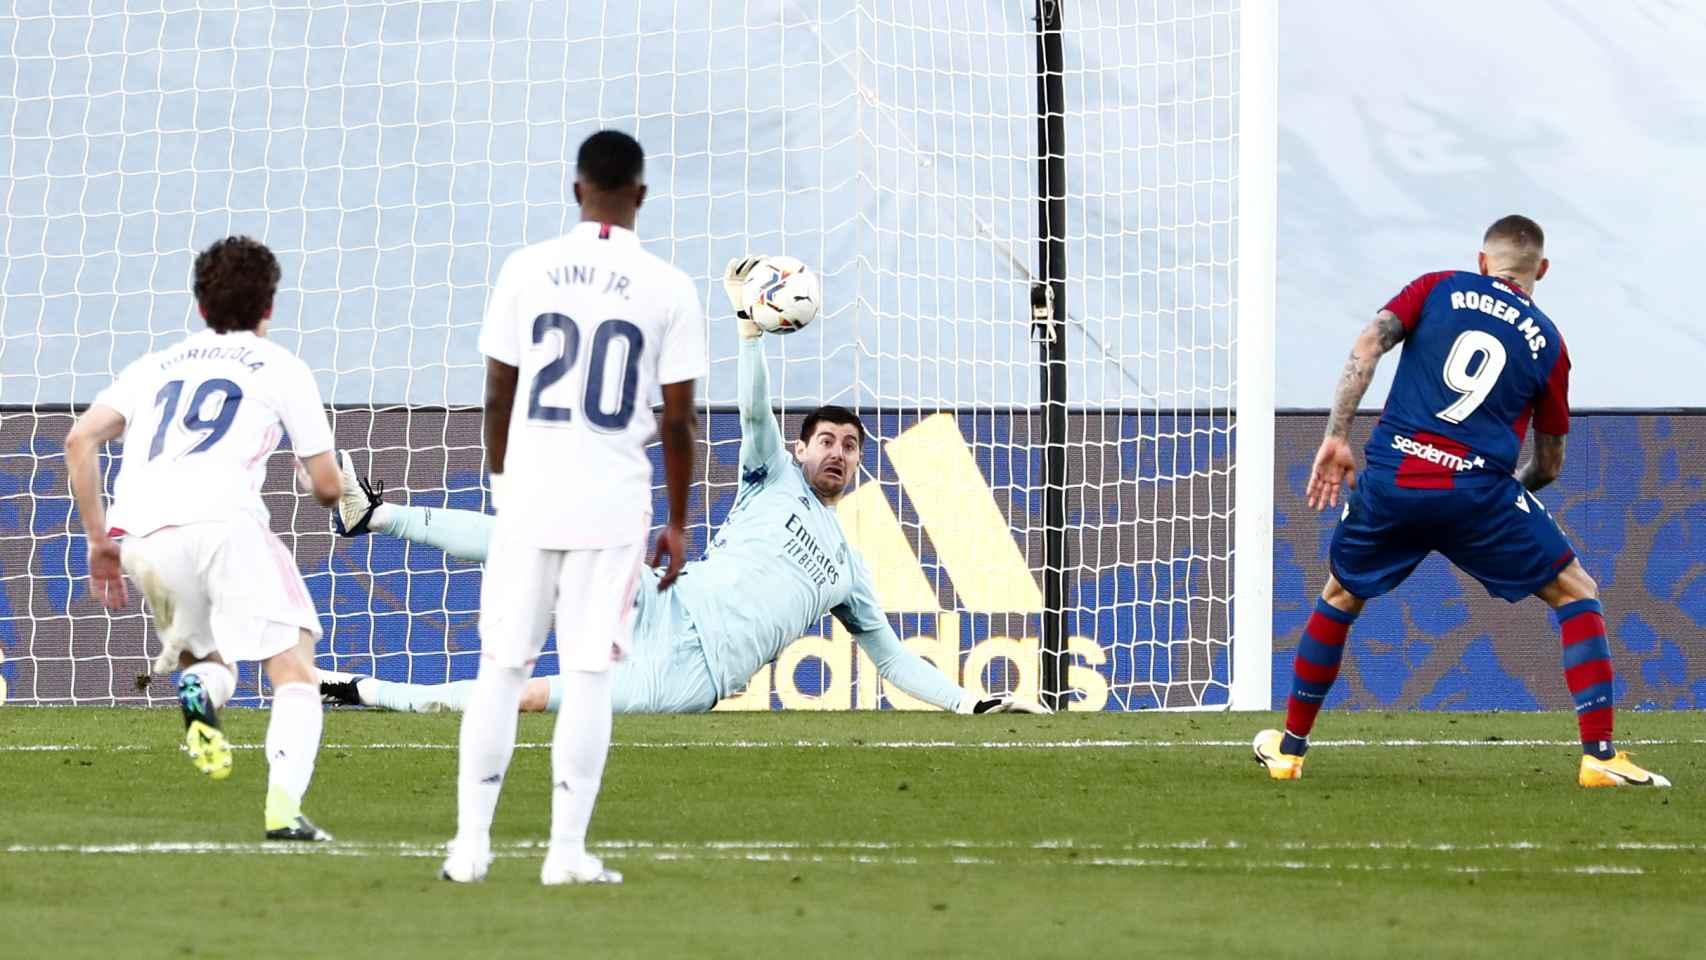 Penalti parado de Courtois a Roger, en el Real Madrid - Levante de la jornada 21 de La Liga